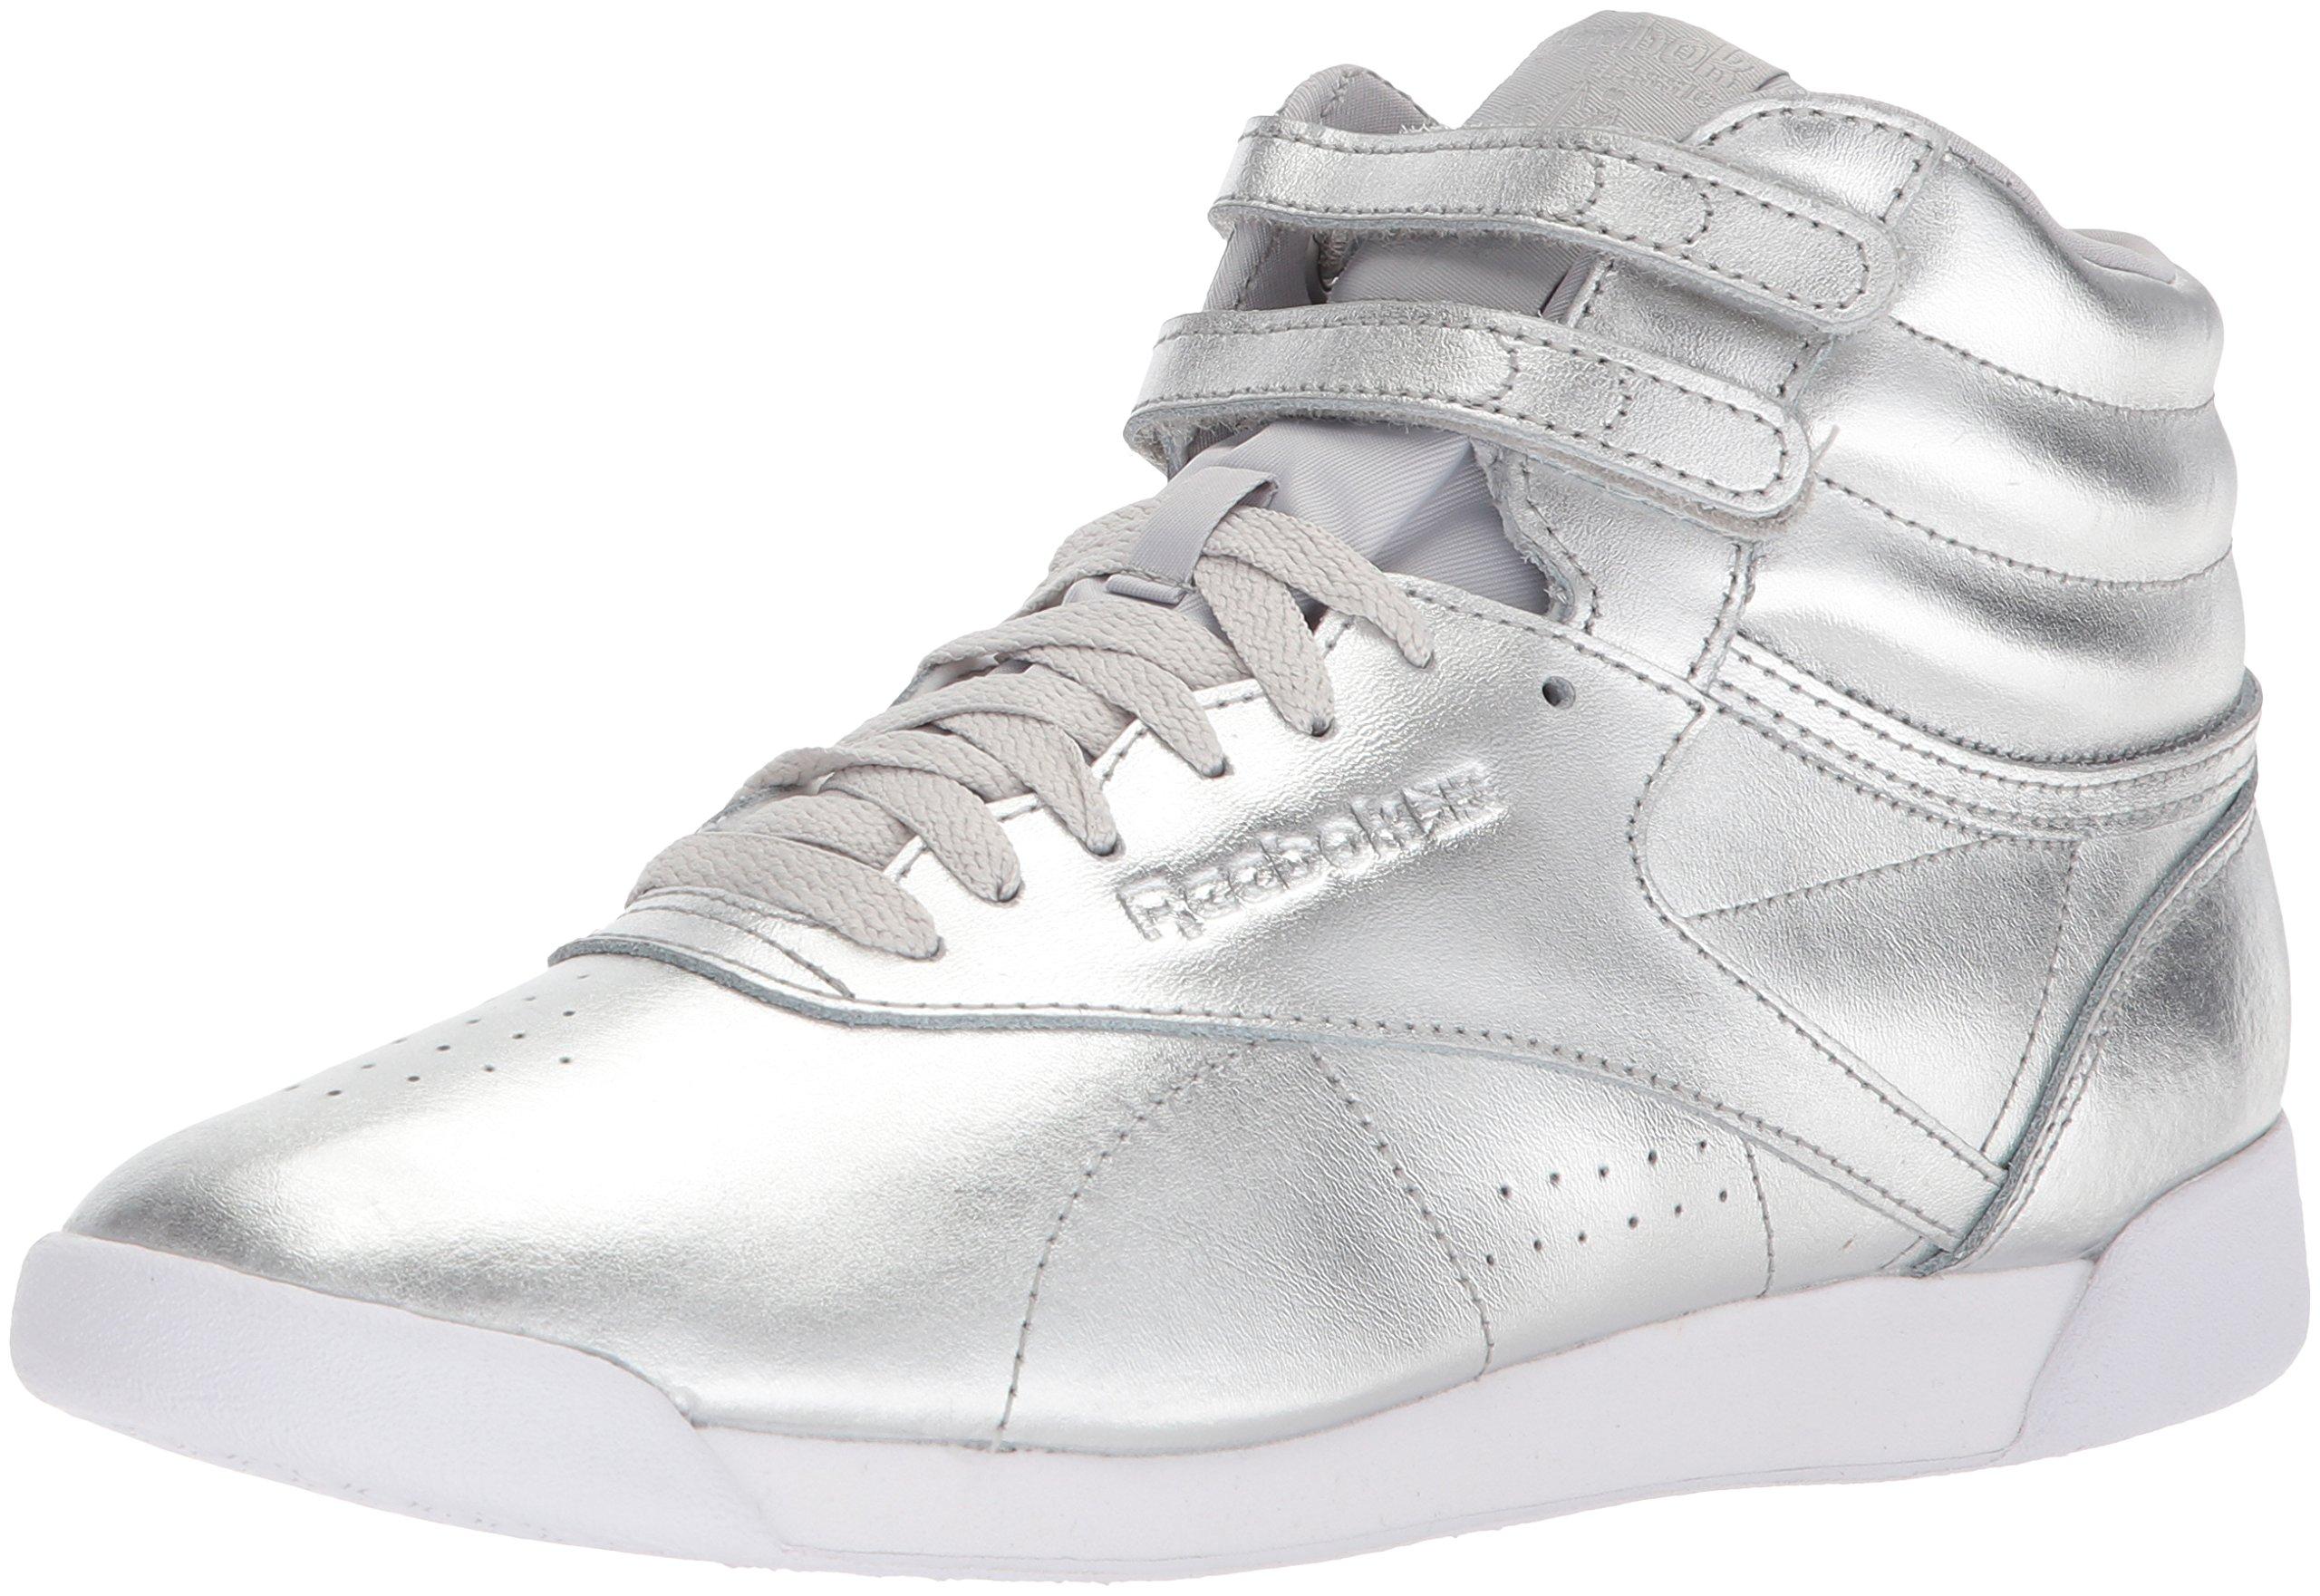 Reebok Women's F/S HI Metallic Sneaker, Silver Met/Steel/White, 8 M US